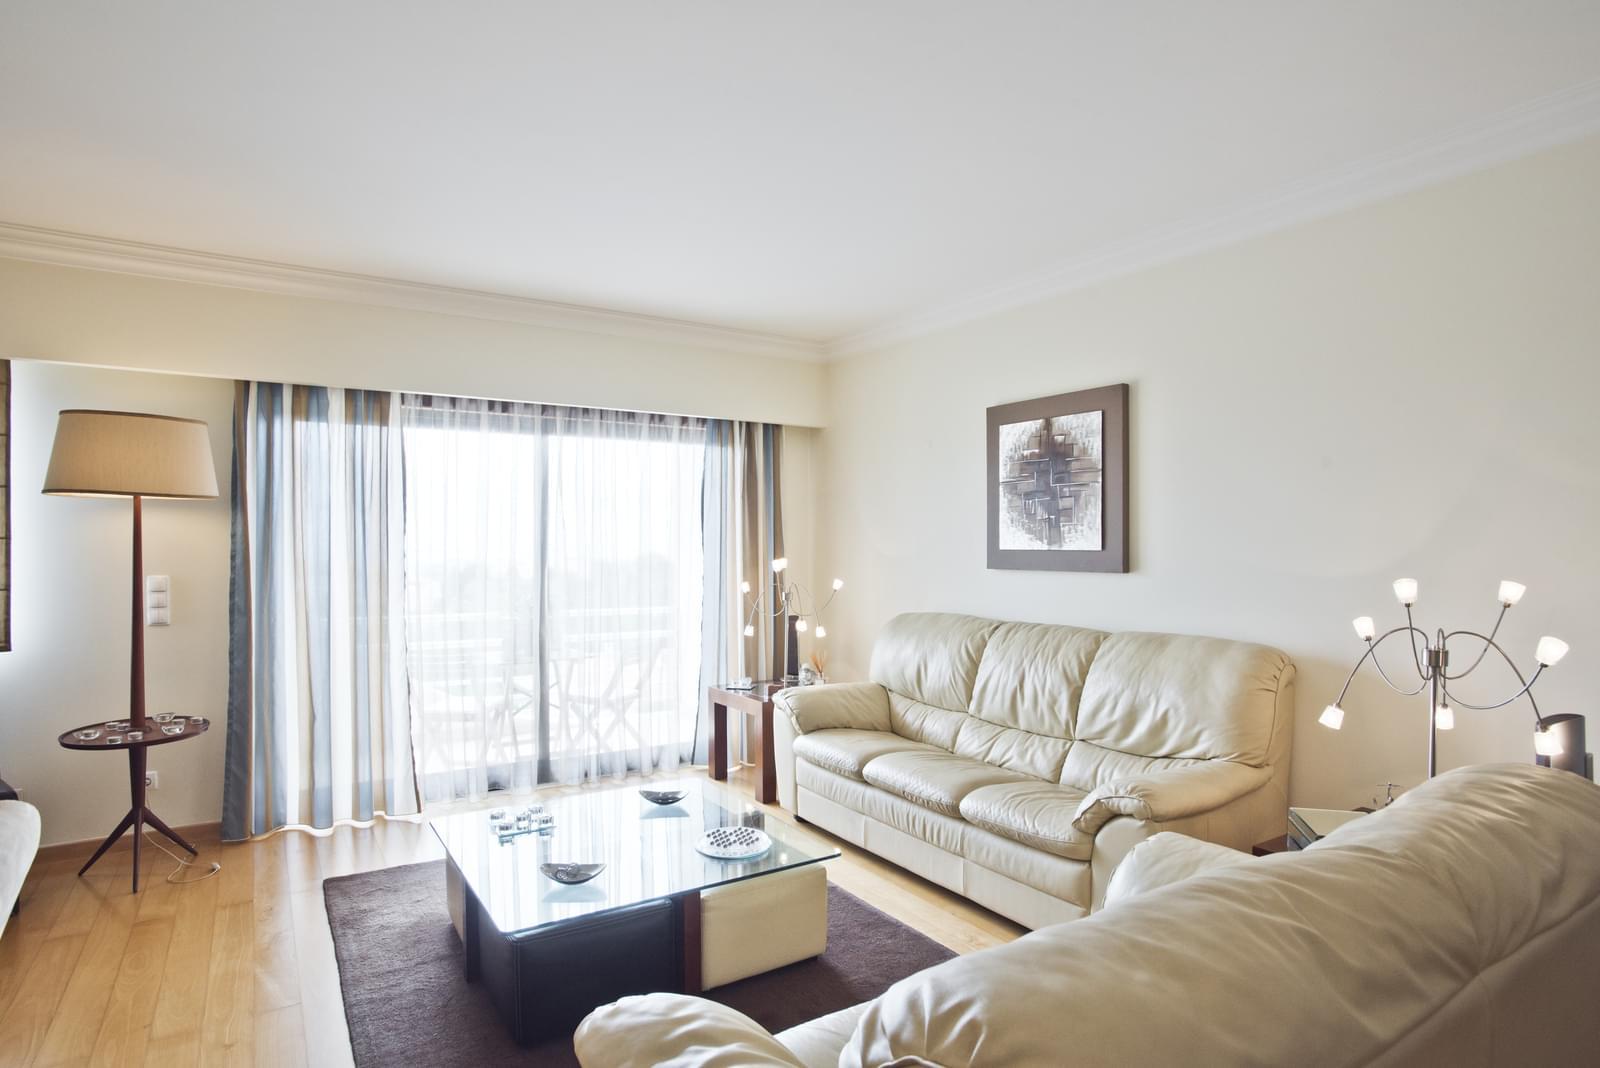 pf17004-apartamento-t3-cascais-d44e1081-40a8-4221-8acf-480434c85fdc